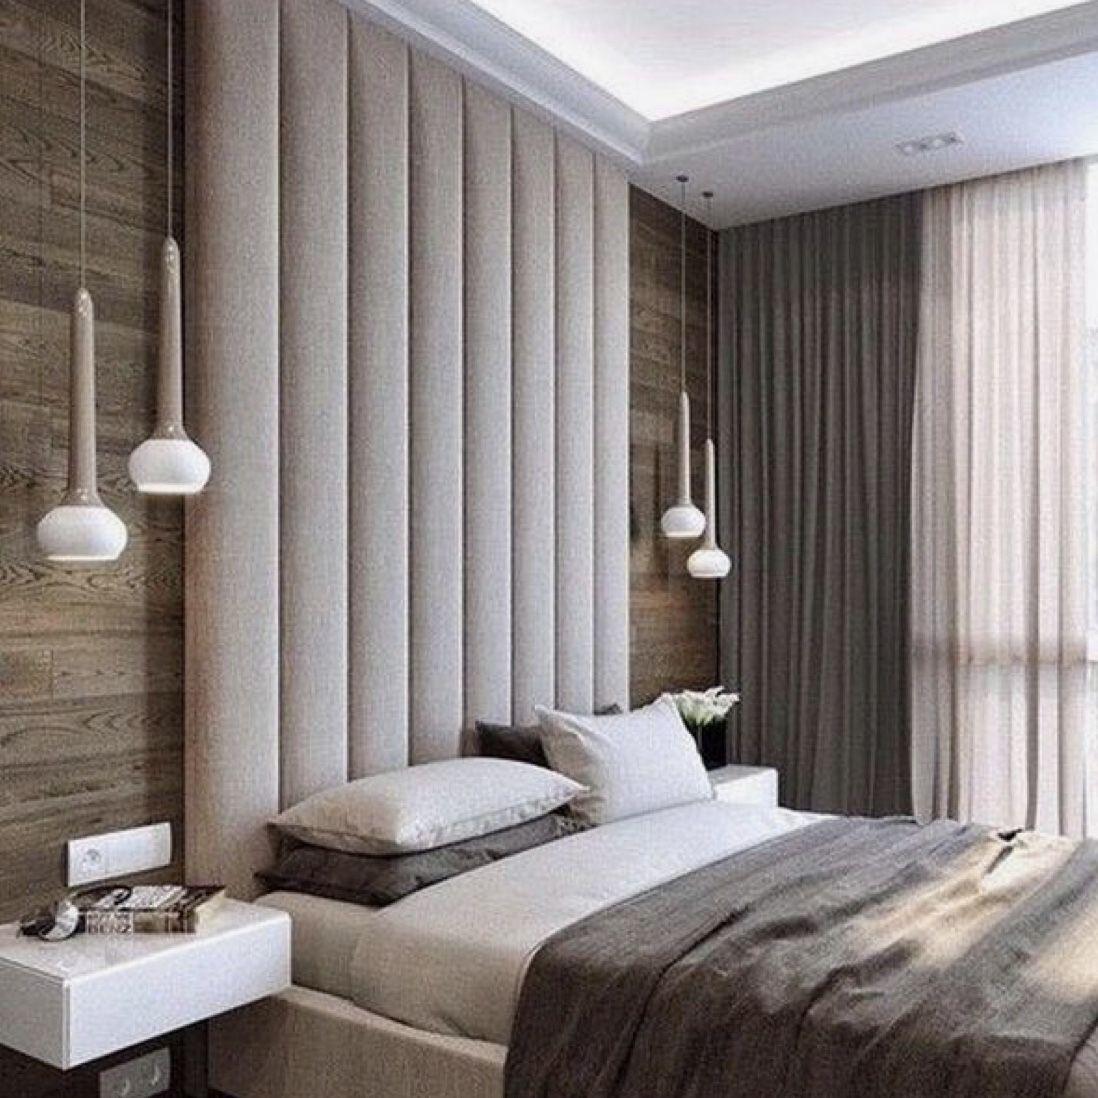 25 Stunning Transitional Bedroom Design Ideas: Beautiful Neutral Bedroom Decor In Transitional Style